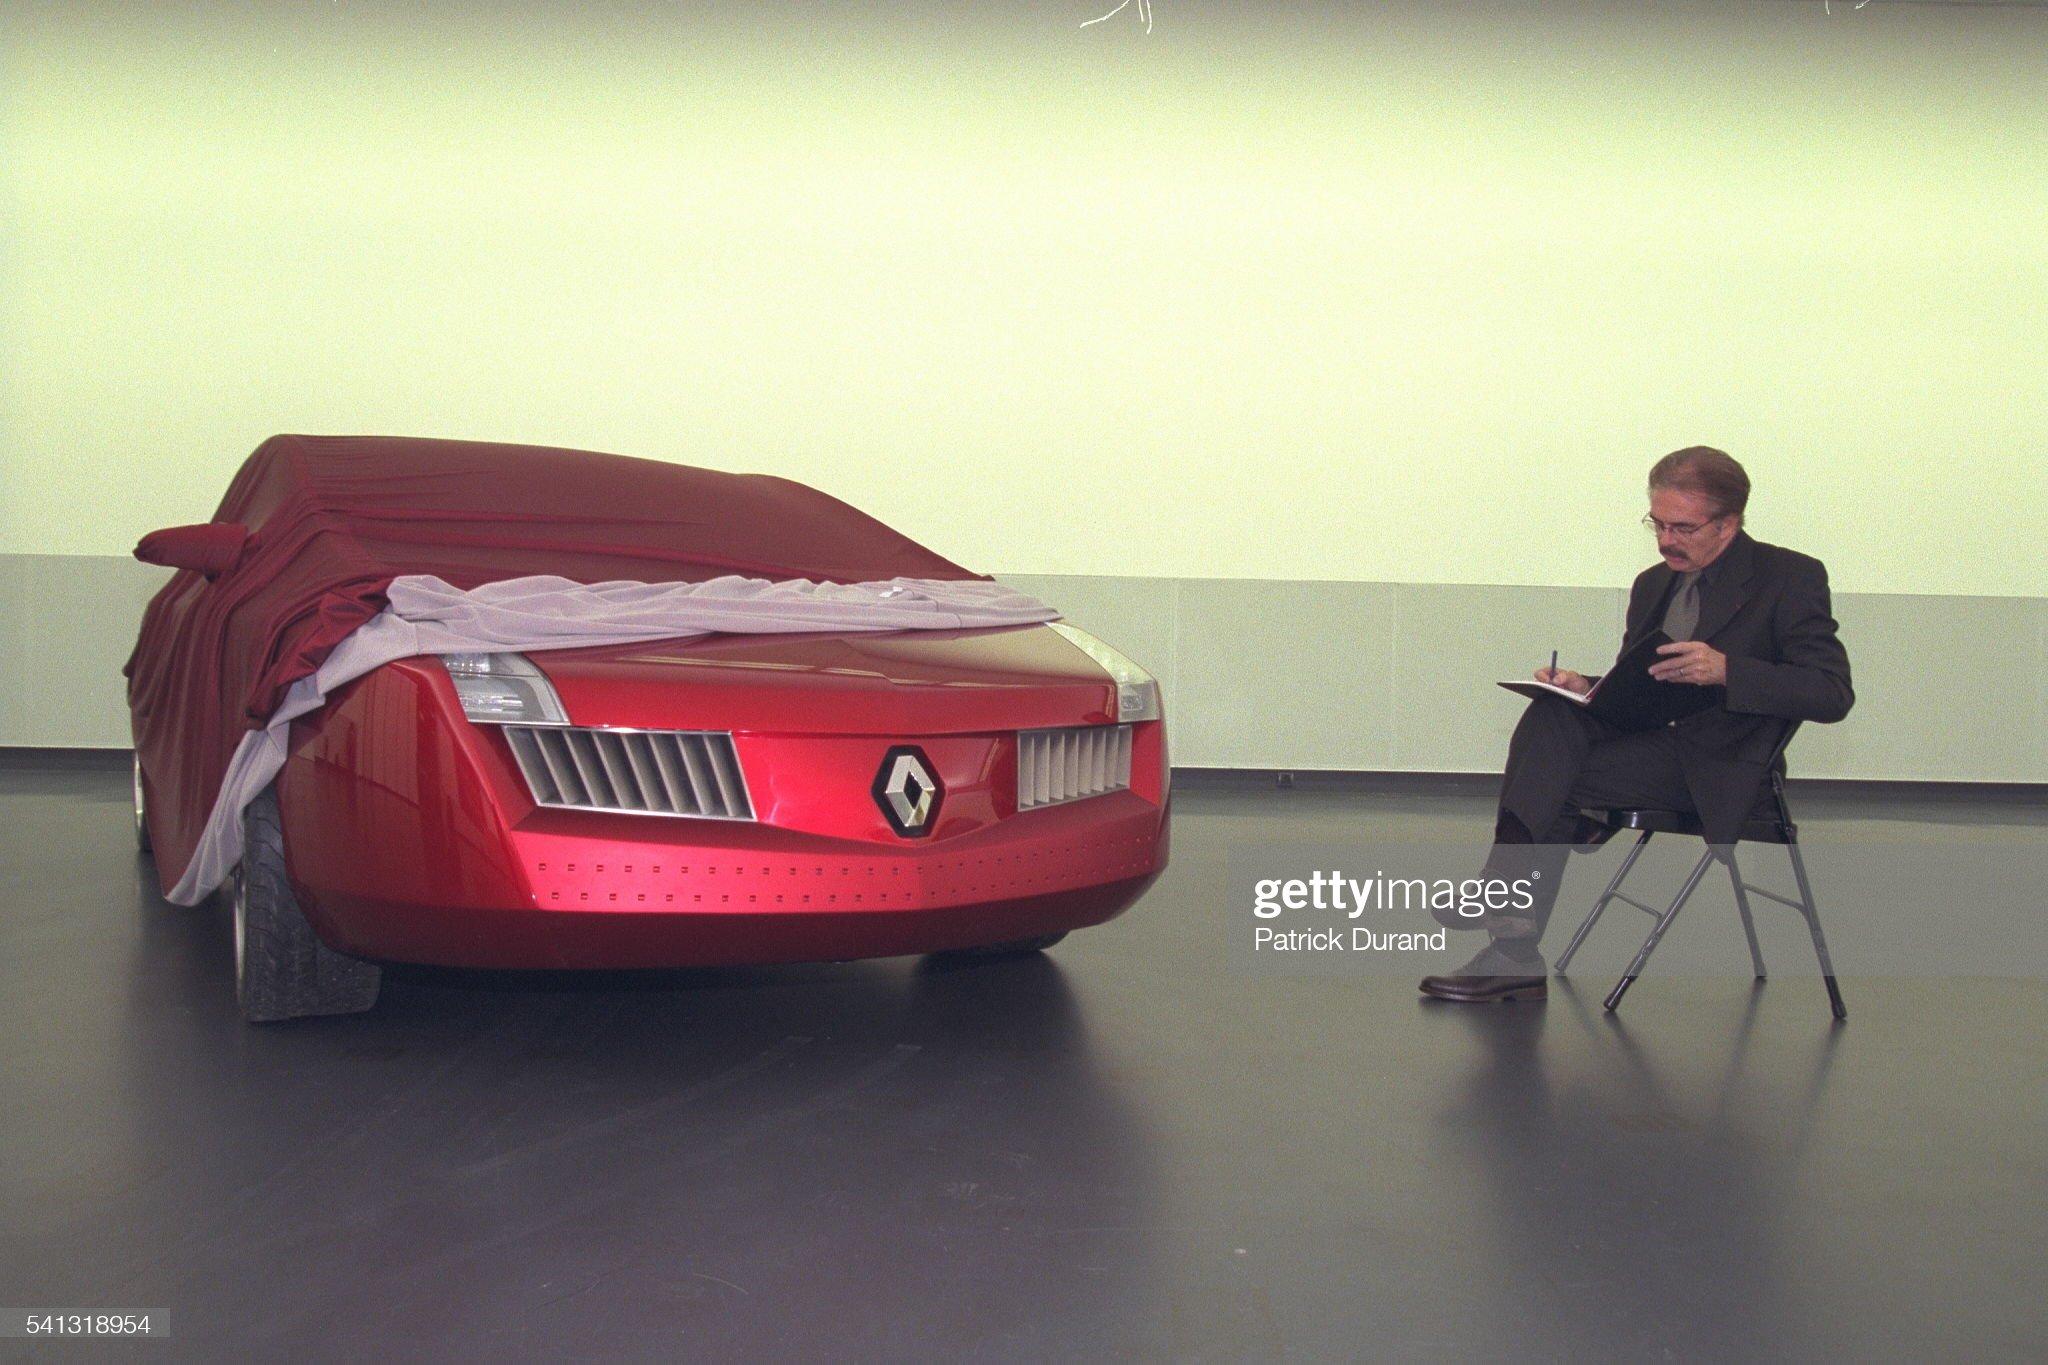 [Présentation] Le design par Renault - Page 22 Patrick-le-quement-posing-beside-the-vel-satis-presented-at-the-world-picture-id541318954?s=2048x2048